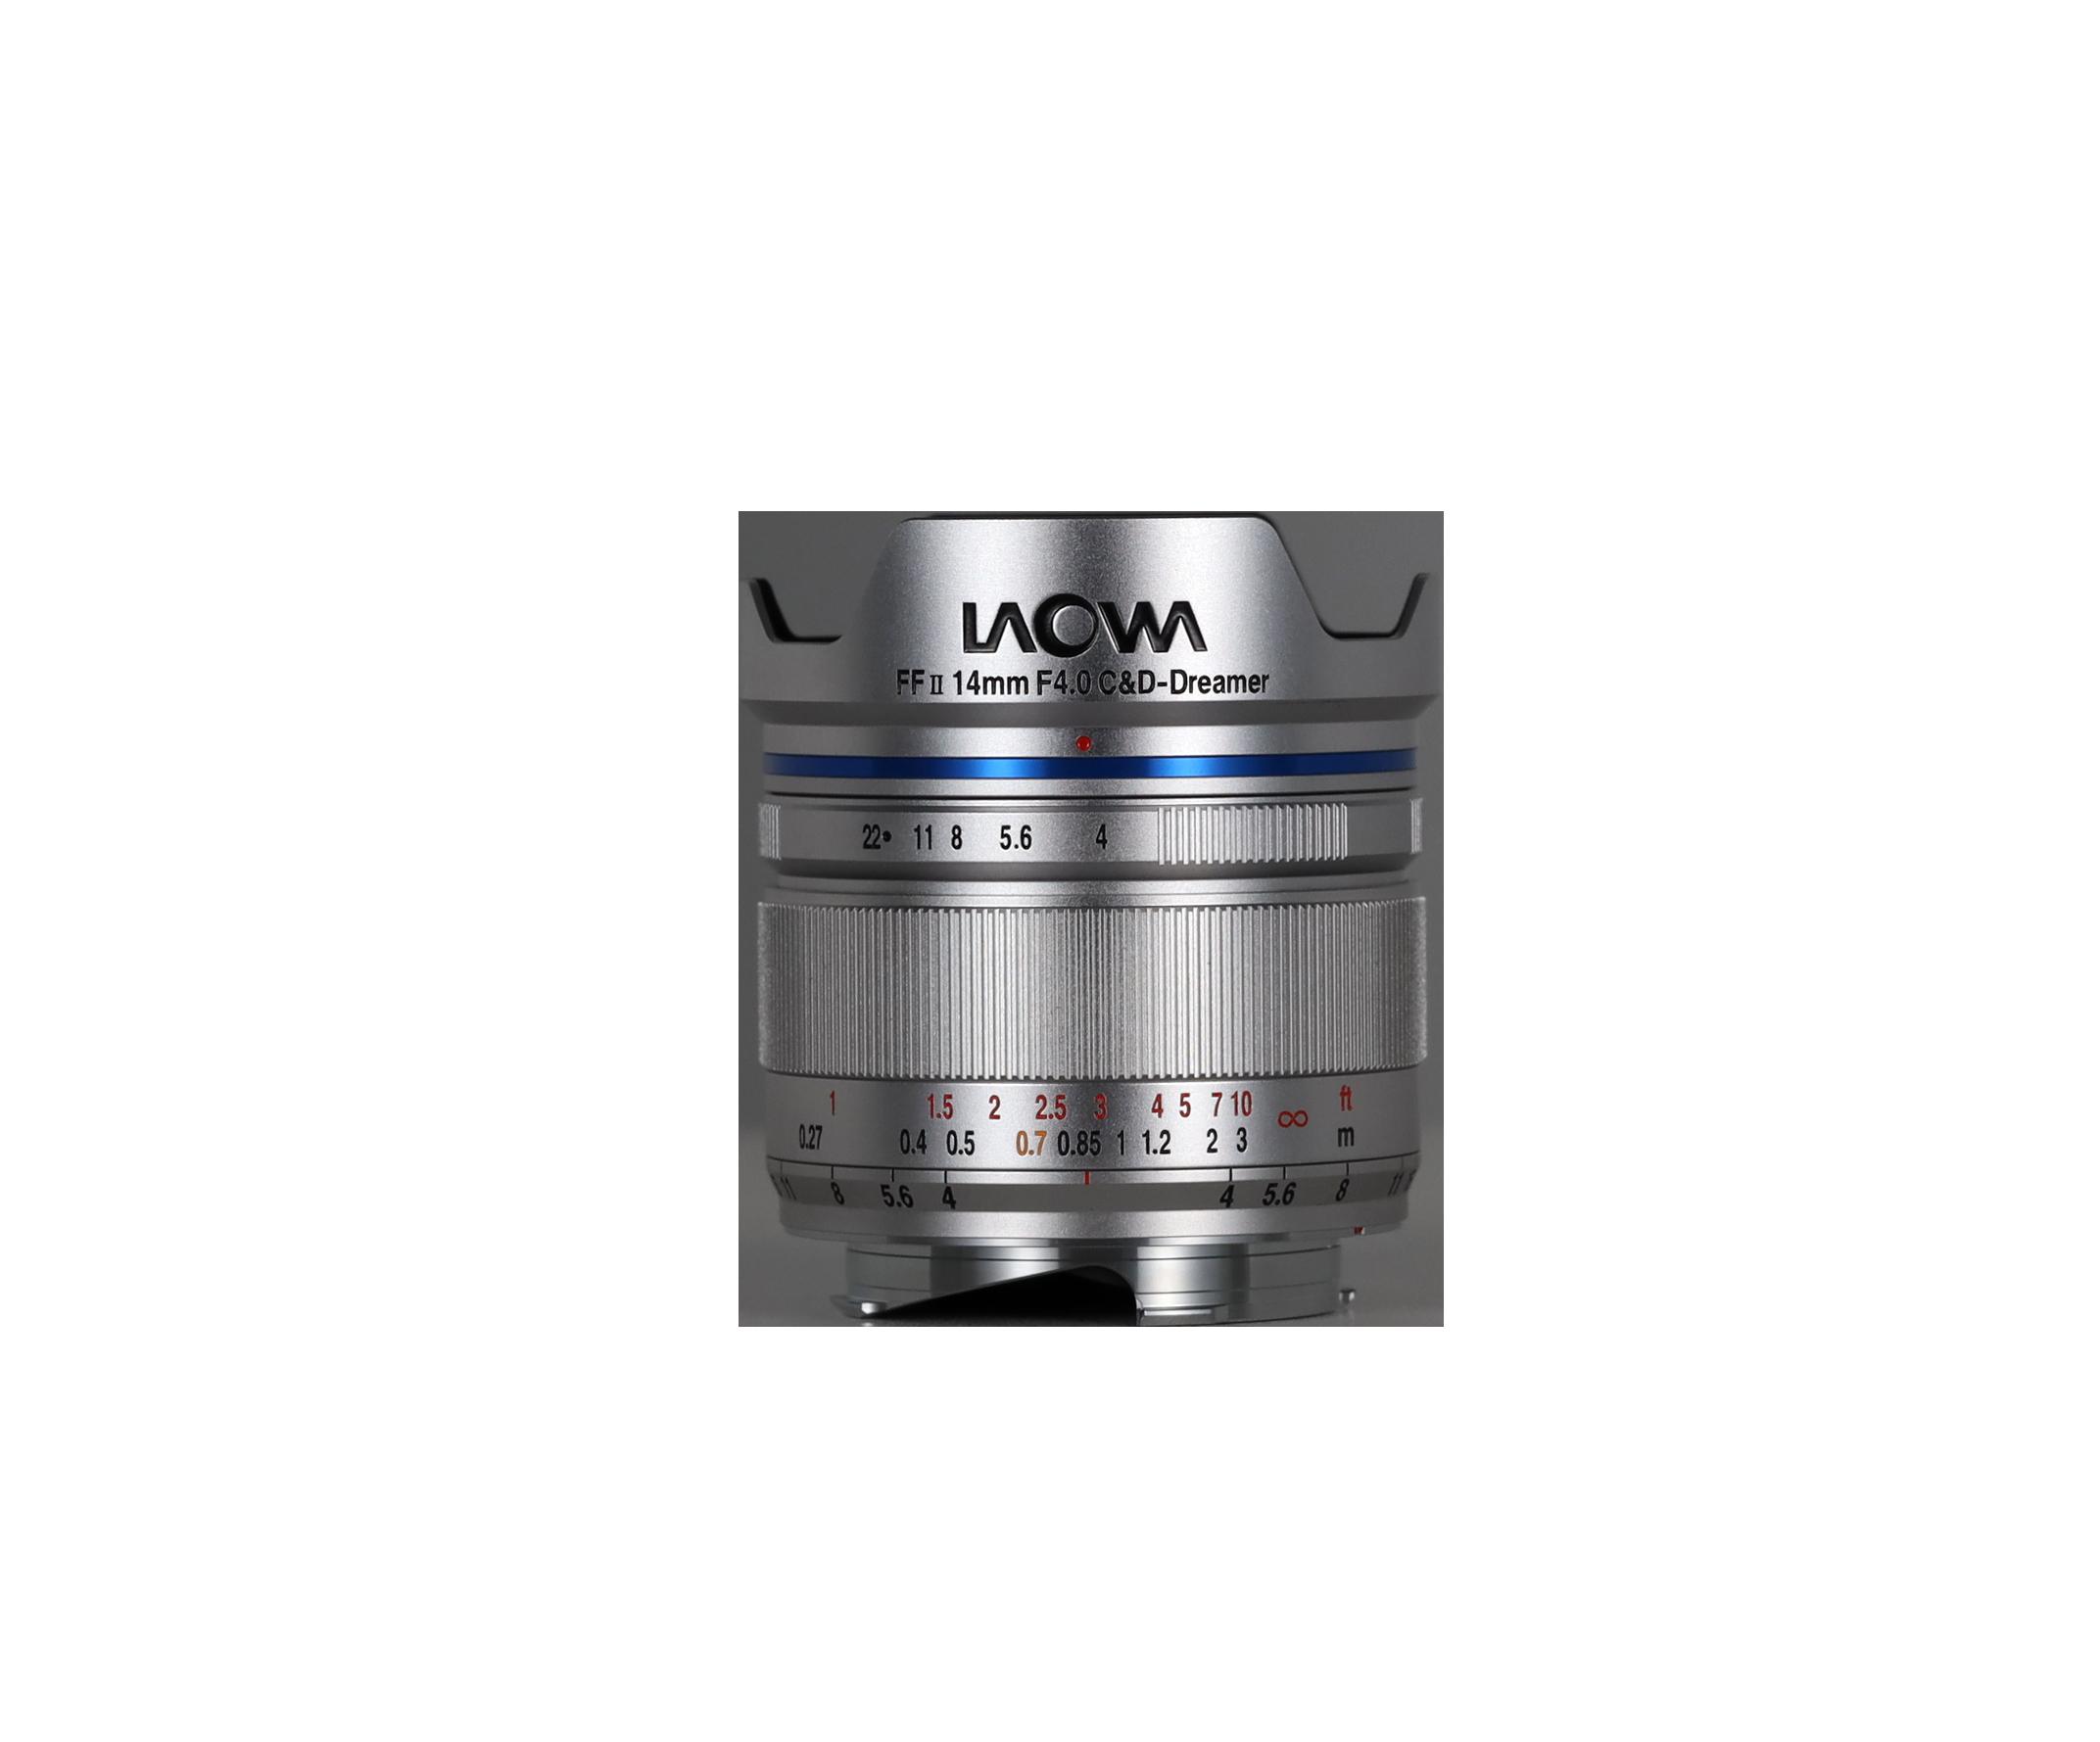 LAOWA 11mm F4.5 FF RL シルバー ライカMマウント【サイトロンジャパン直営店限定モデル】